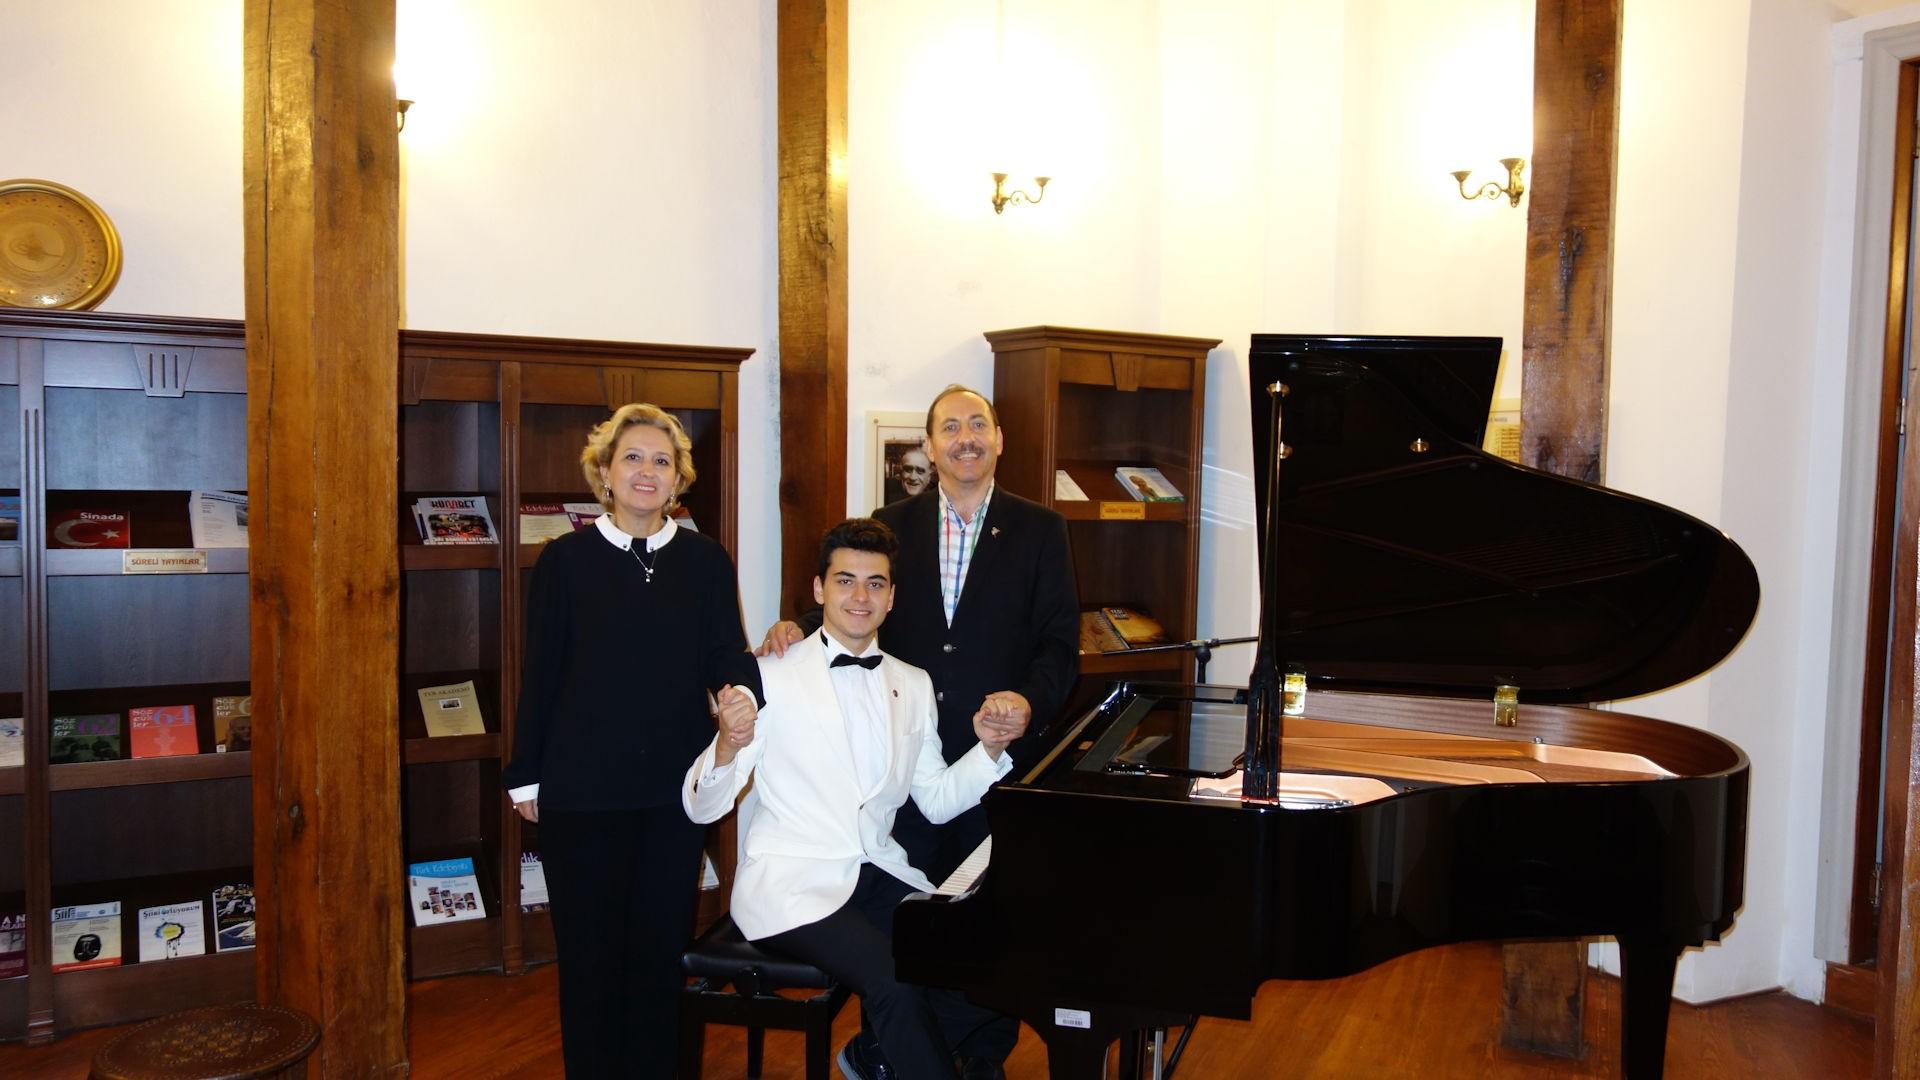 Genç Piyanist Güneş Yakartepenin Son 5 Yılda Katıldığı Konser Etkinlikleri Listesi 2011 2016 2017 Piyano MüziĞİ DinletiSİ PiyanoTürk